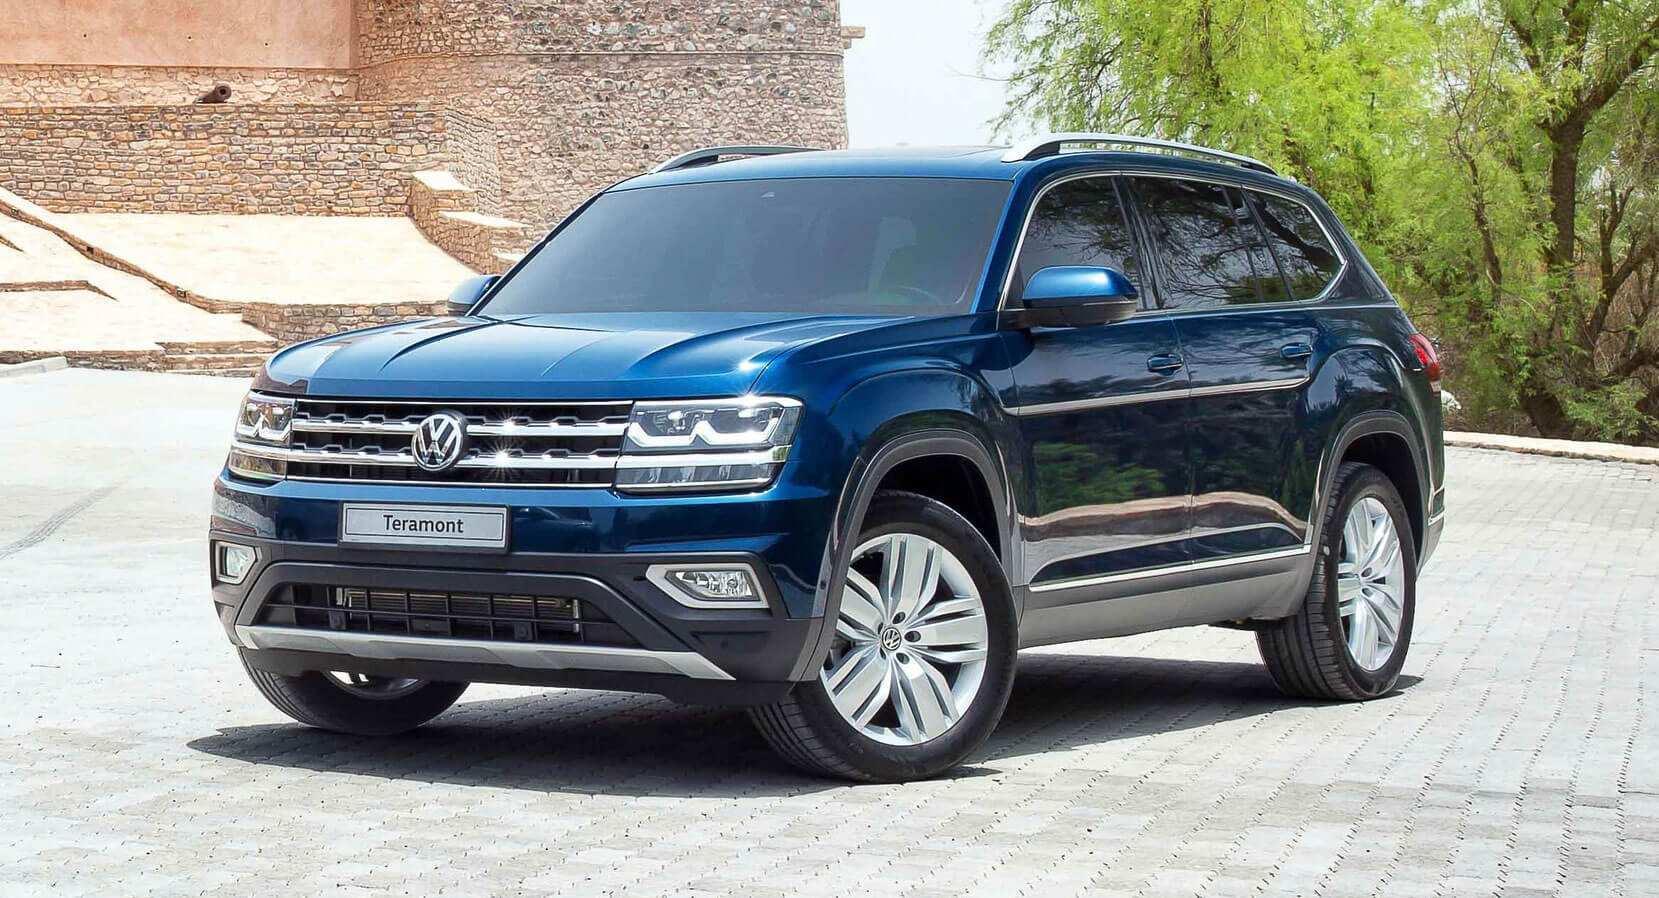 35 New 2020 Volkswagen Teramont X Specs with 2020 Volkswagen Teramont X